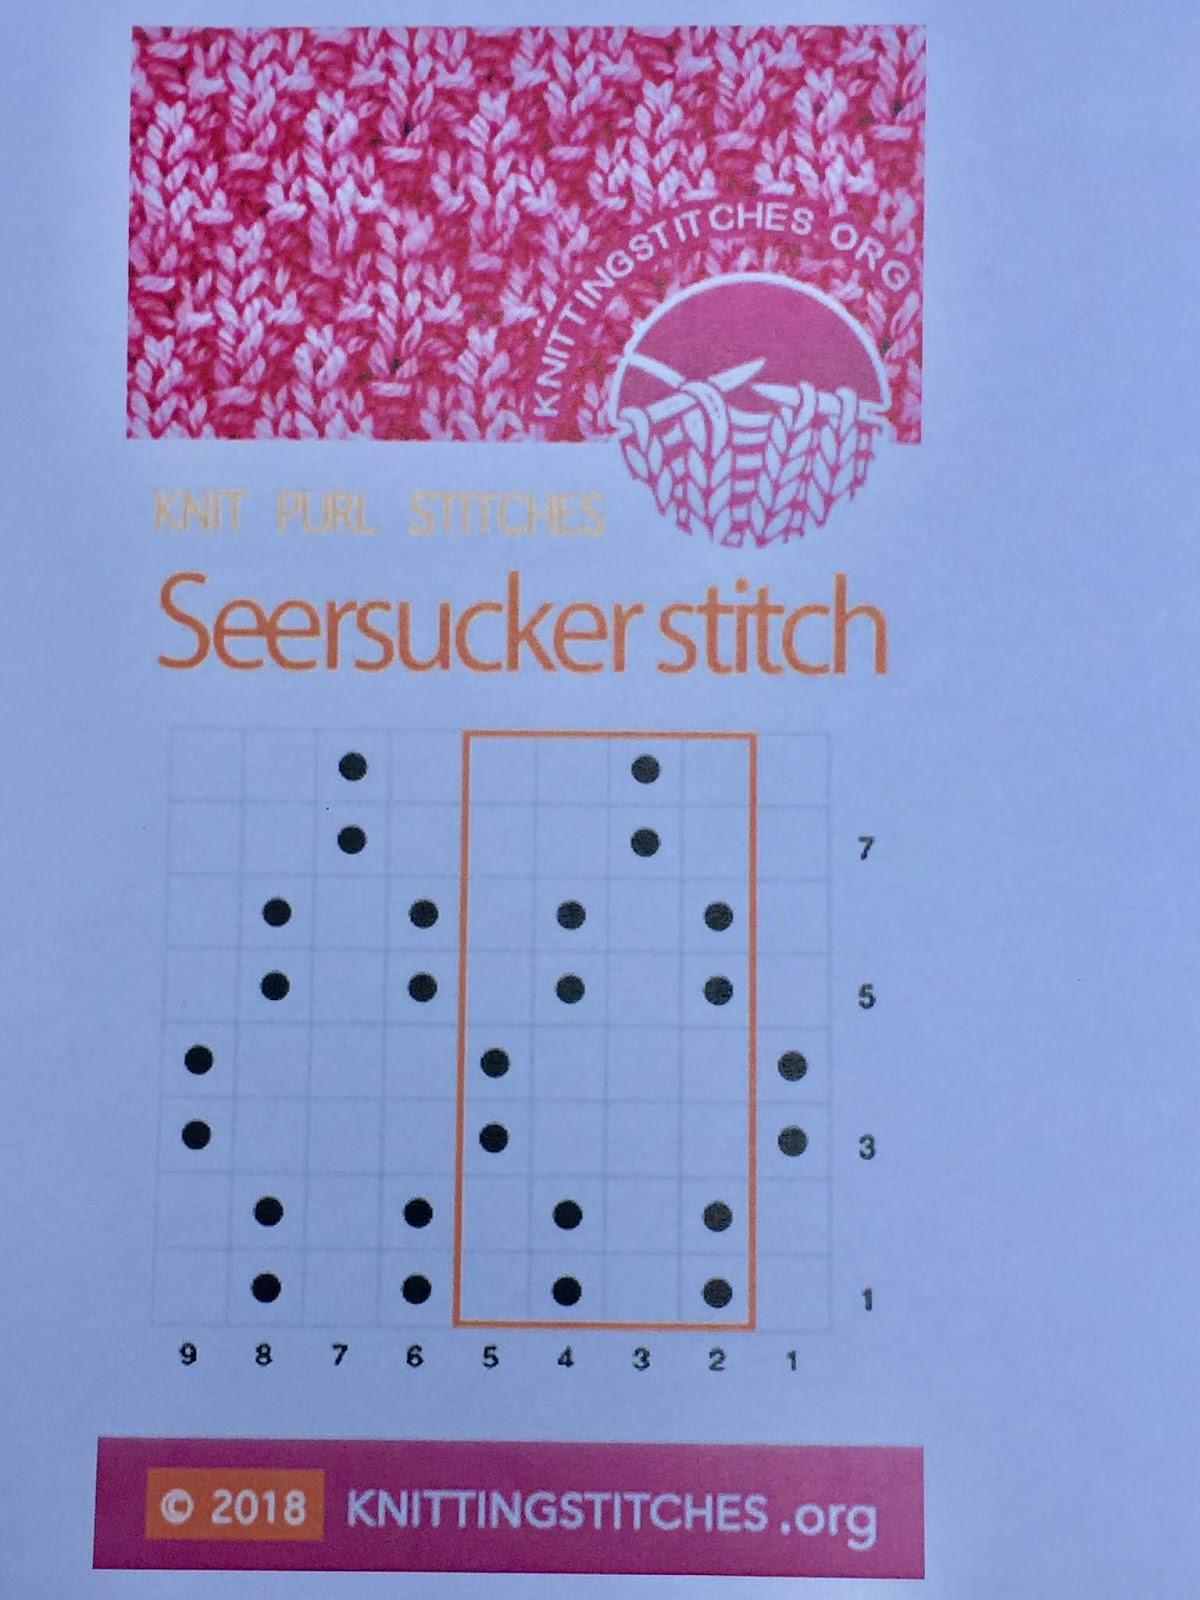 Knitting Stitches 2018 - Seersucker Knit Purl